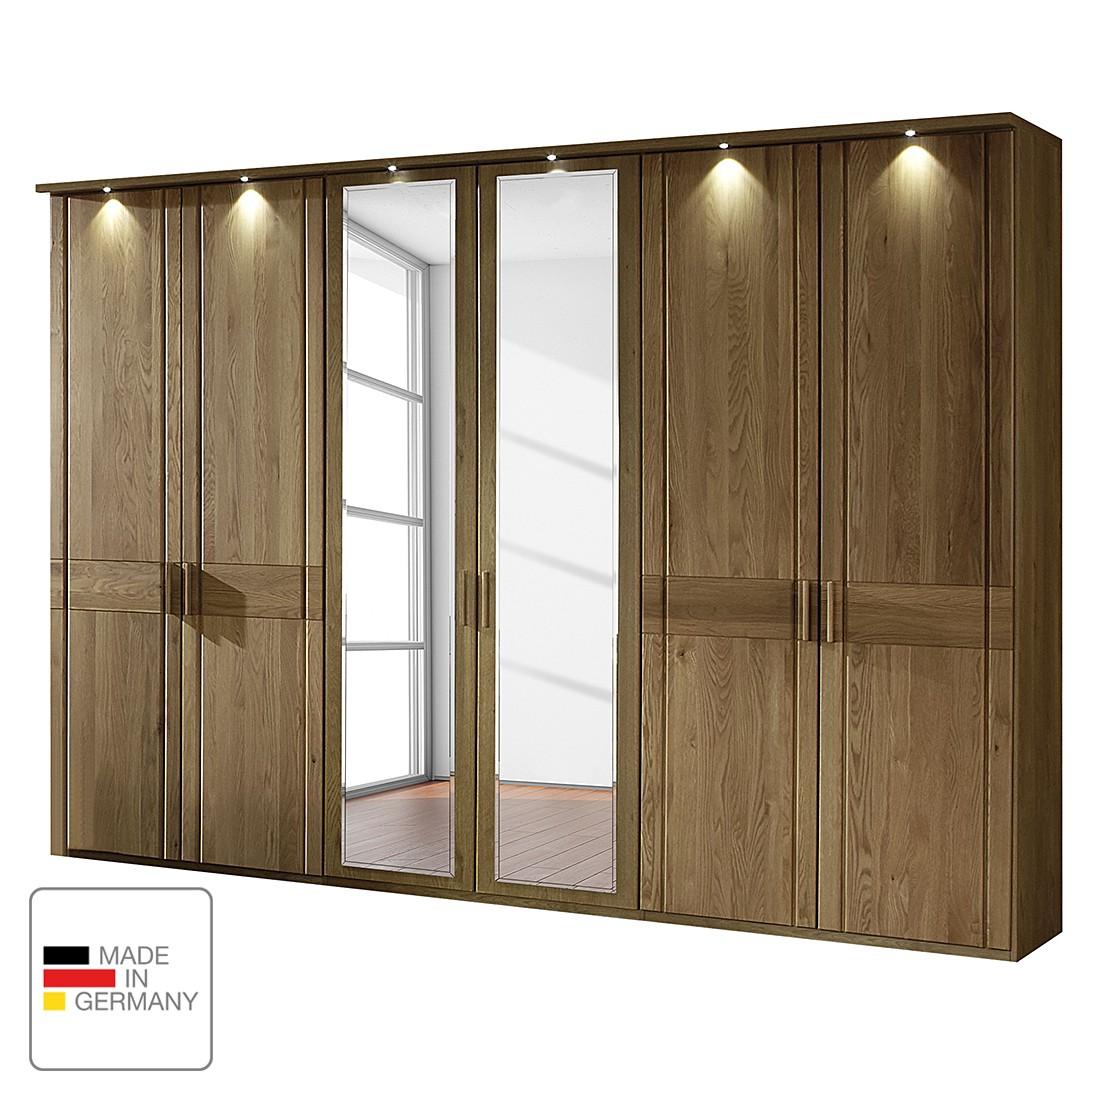 Drehtürenschrank Münster – Eiche teilmassiv – Mit Beleuchtung – 350 cm (7-türig) – 1 Spiegeltür – Mit Kranzblende, Althoff jetzt bestellen